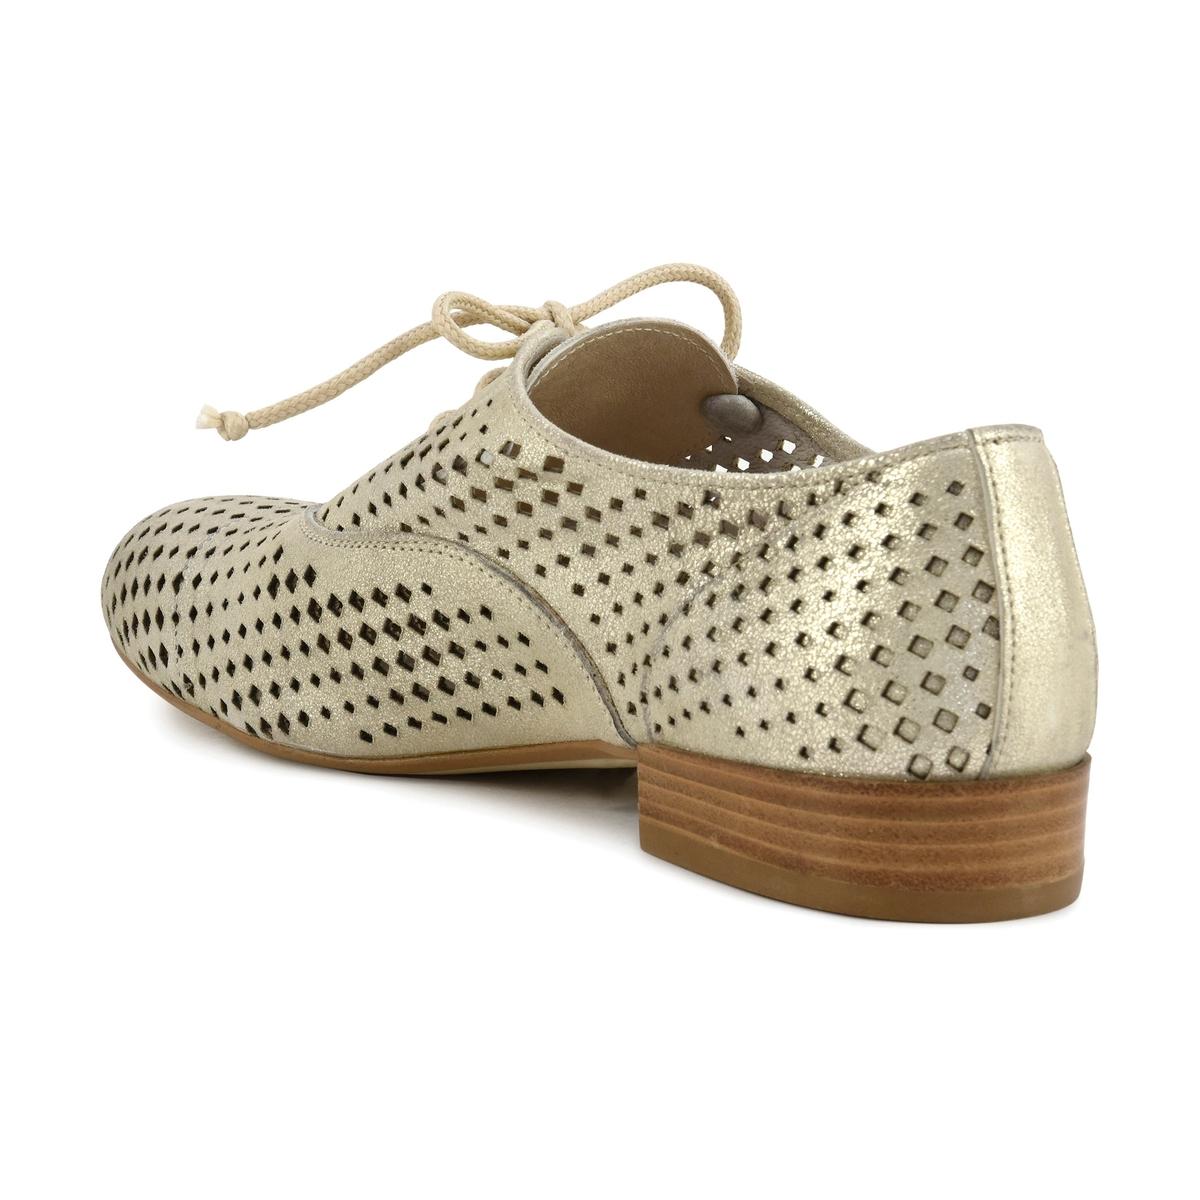 Дерби кожаные ажурные EB241Верх : Кожа  Подкладка : Кожа  Стелька : синтетика   Подошва : синтетика   Форма каблука : плоский каблук   Носок : закругленный   Застежка : шнуровка<br><br>Цвет: Платиновый